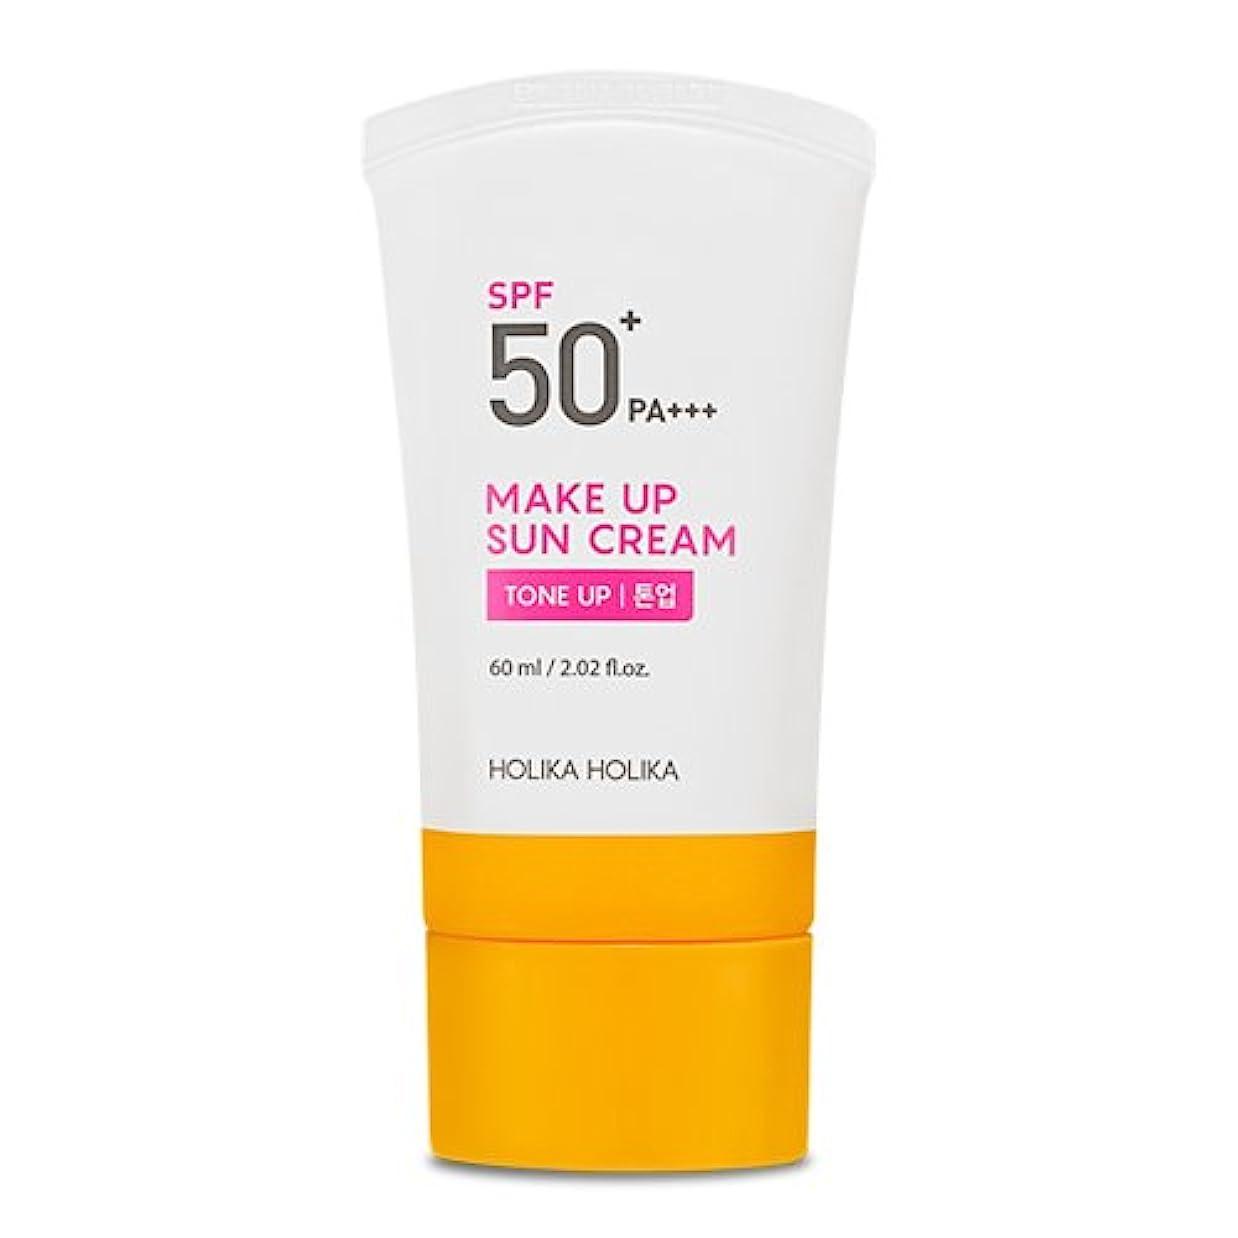 ひどくピアニスト中傷[2018]ホリカホリカ メイクアップ 日焼け止めクリーム/UVケア?Holika Holika Make Up Sun Cream SPF50+ PA+++ 60ml [並行輸入品]